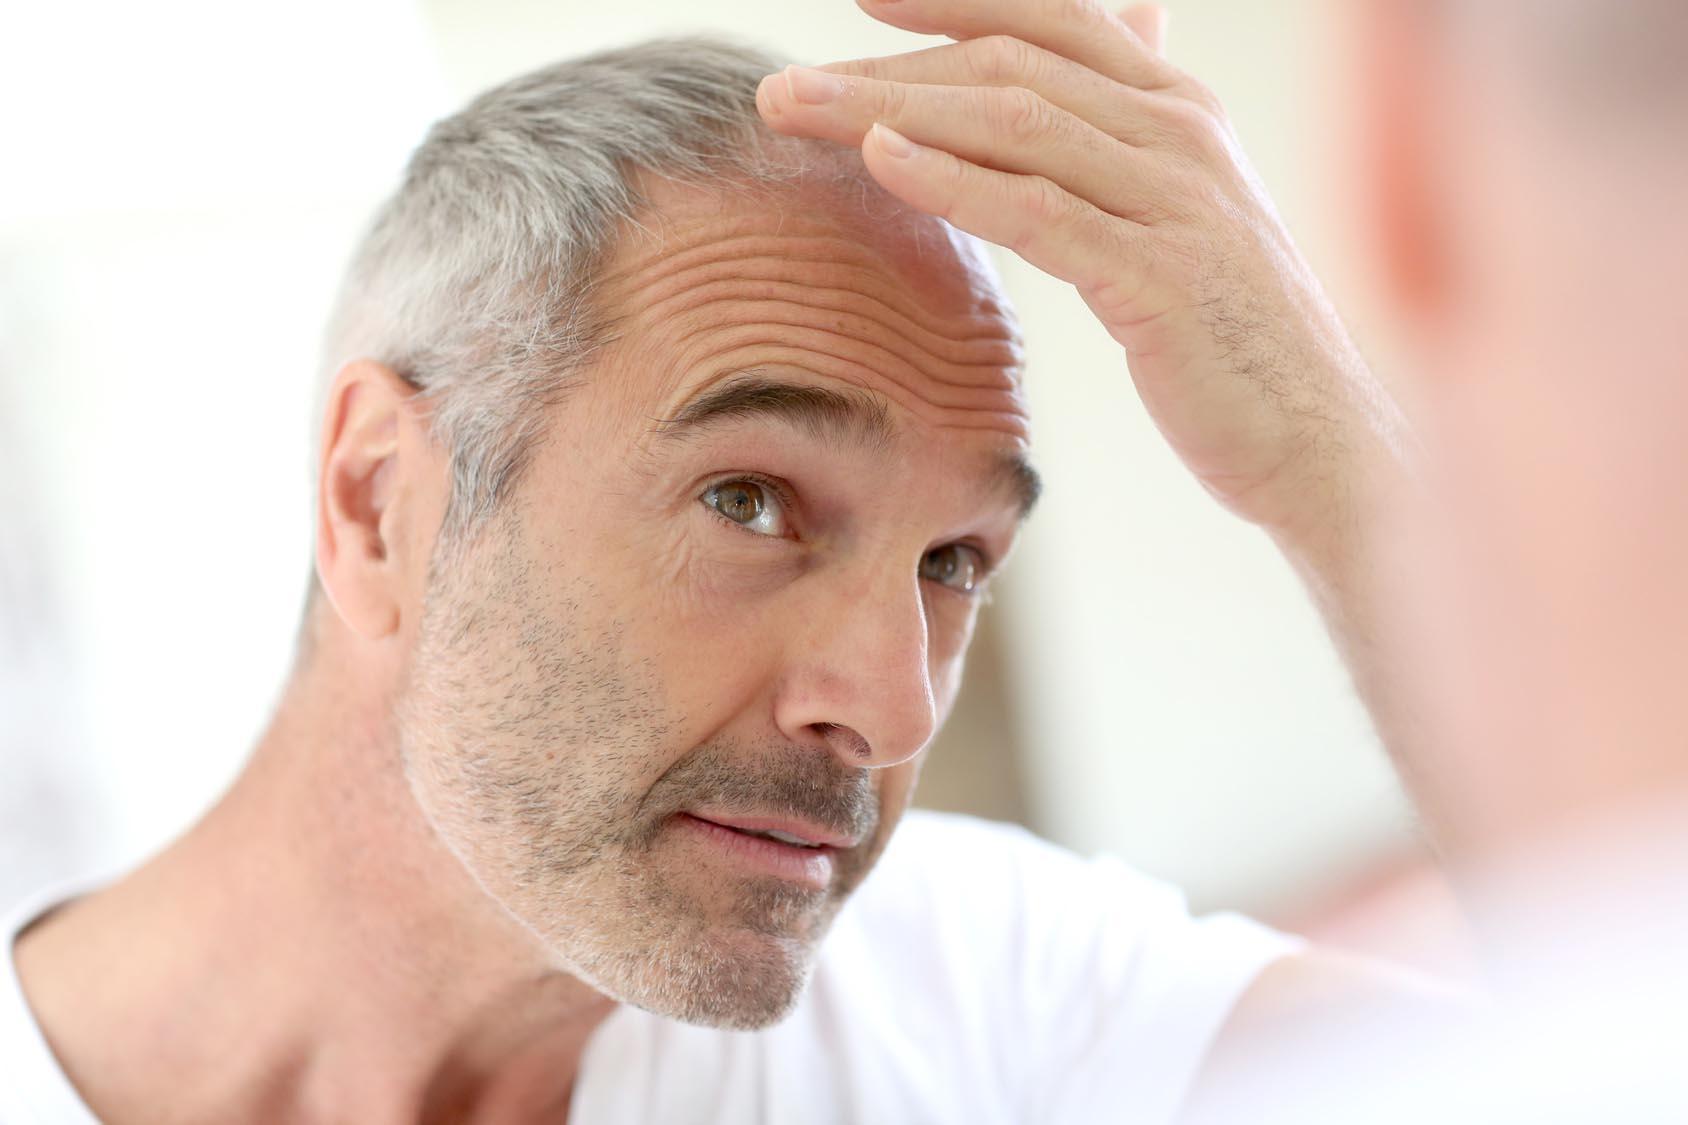 Mann mit lichtem Haar